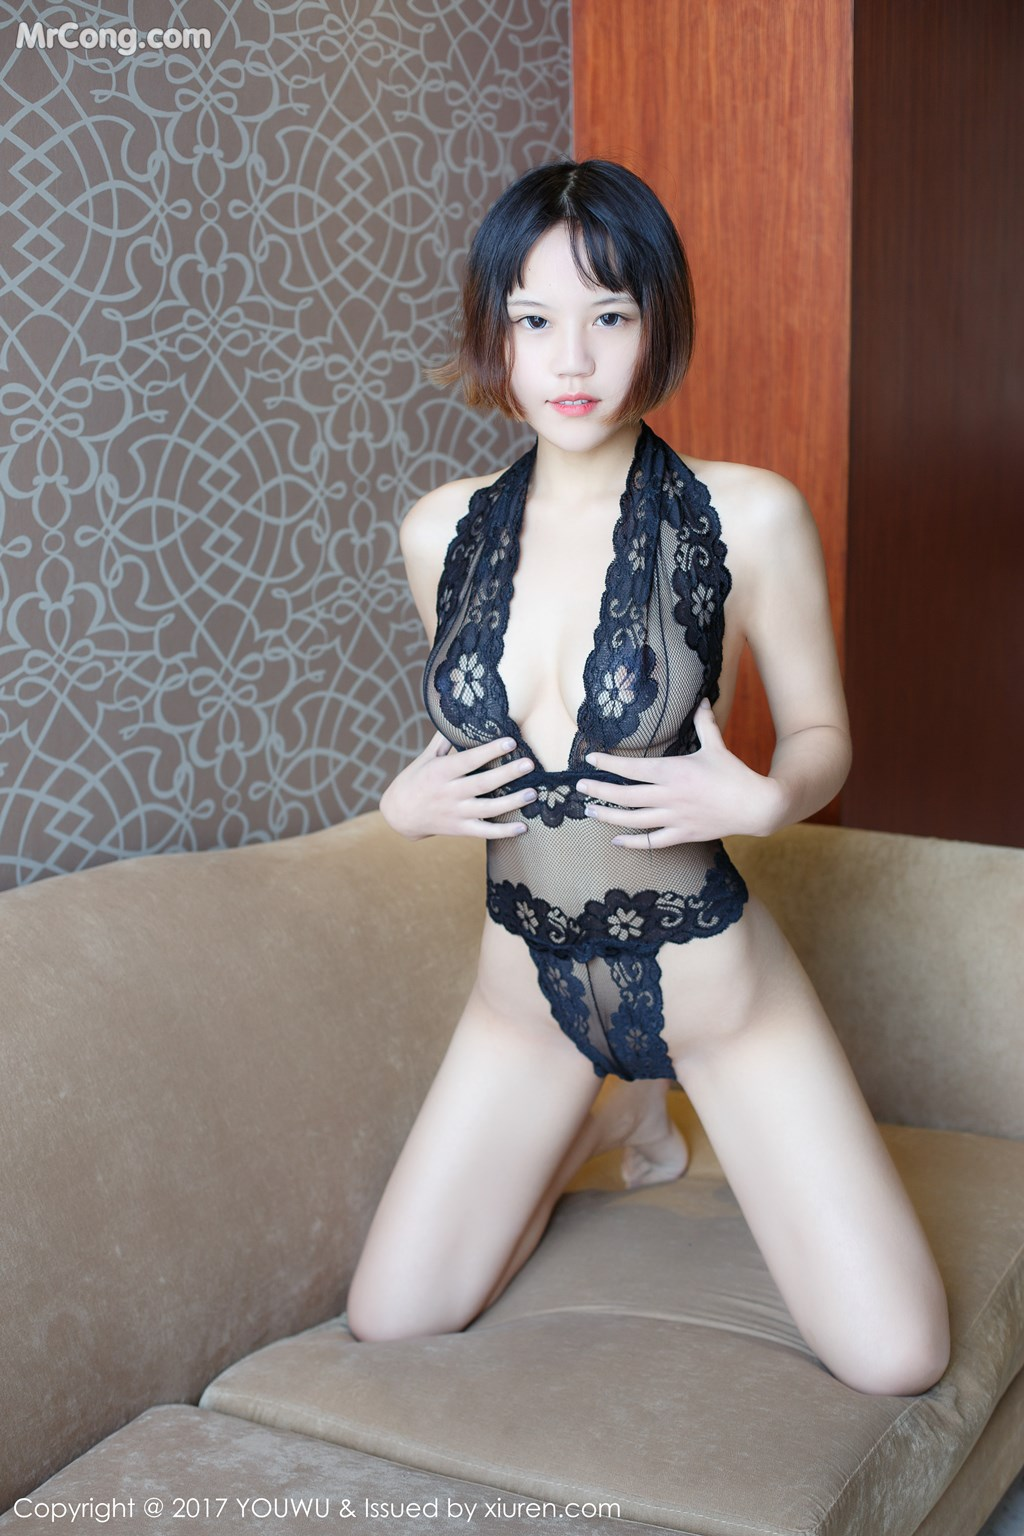 YouWu Vol.075: Người mẫu SISI王小西儿 (43 ảnh)